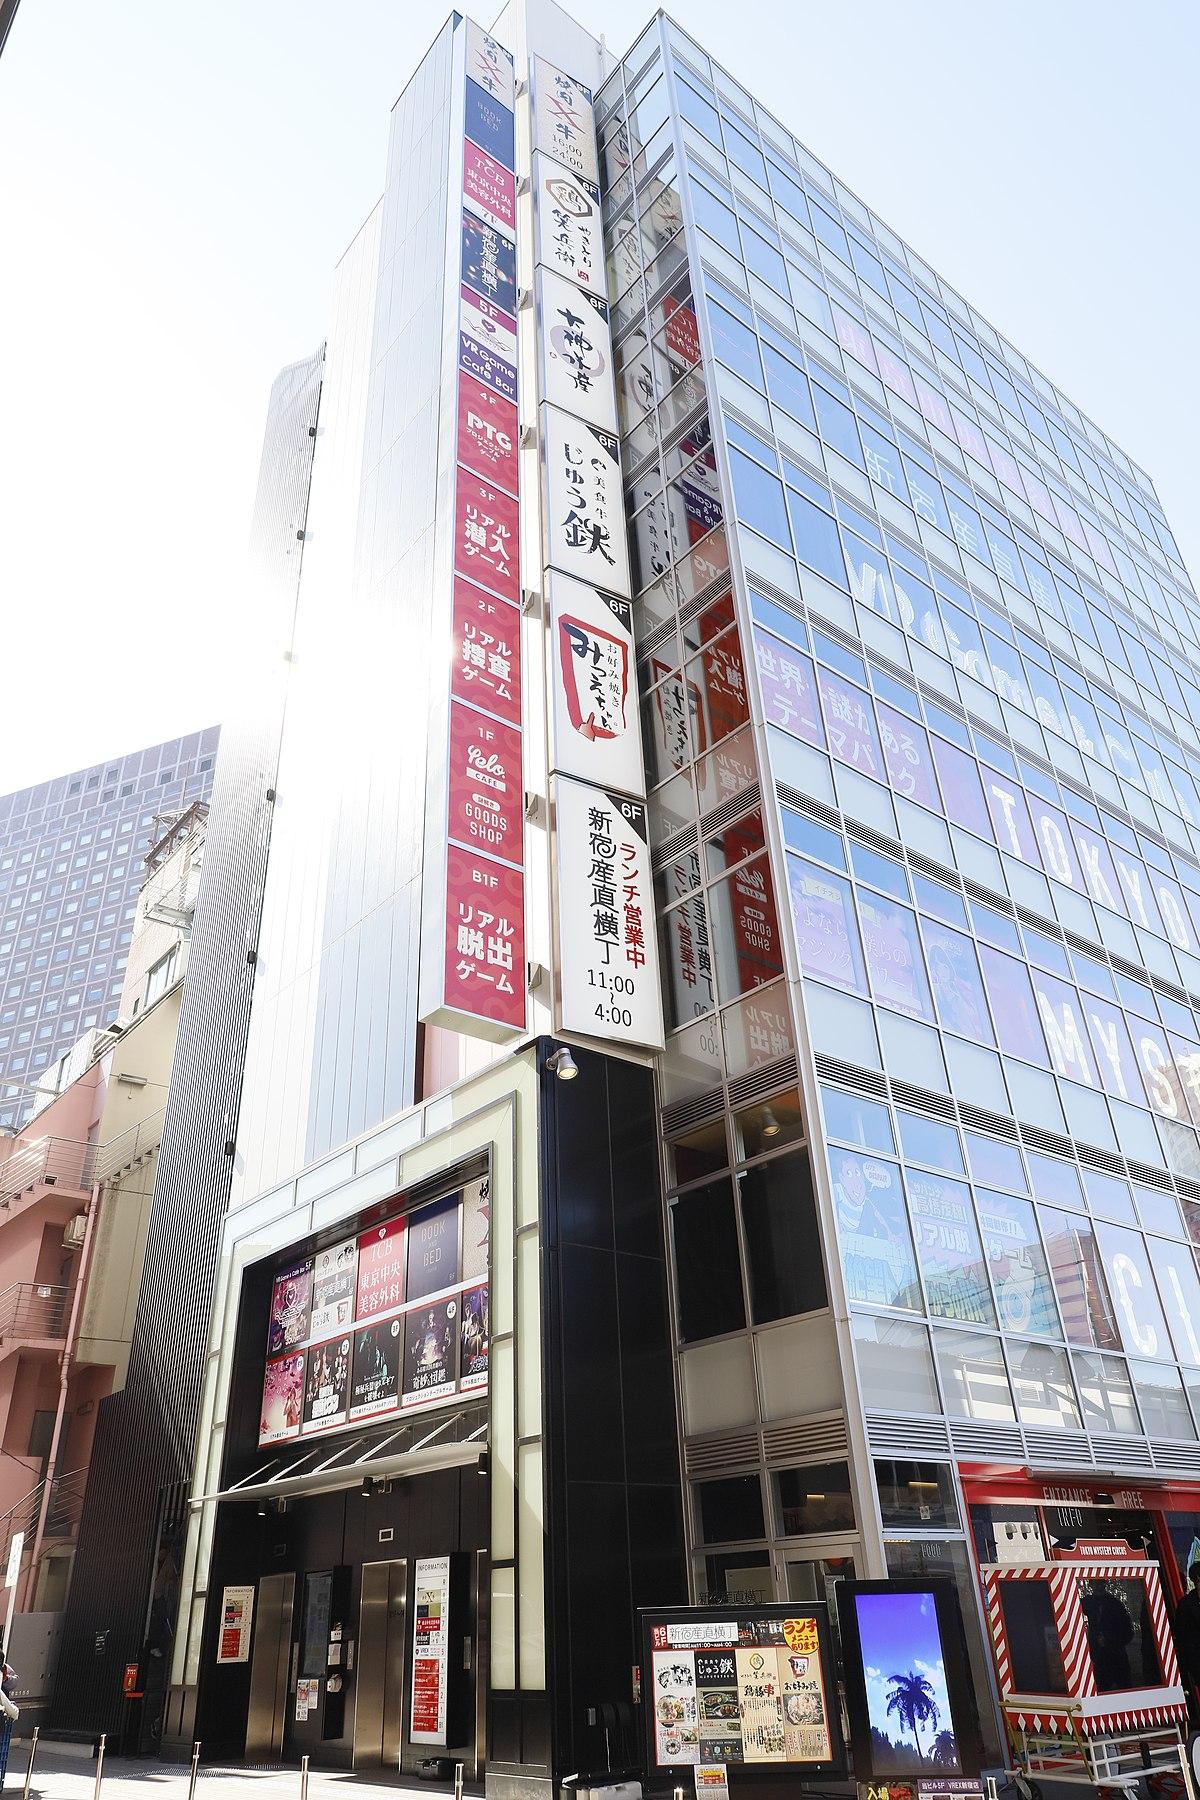 東京 中央 美容 外科 口コミ TCB東京中央美容外科 (口コミ3014件) 《美容医療の口コミ広場》